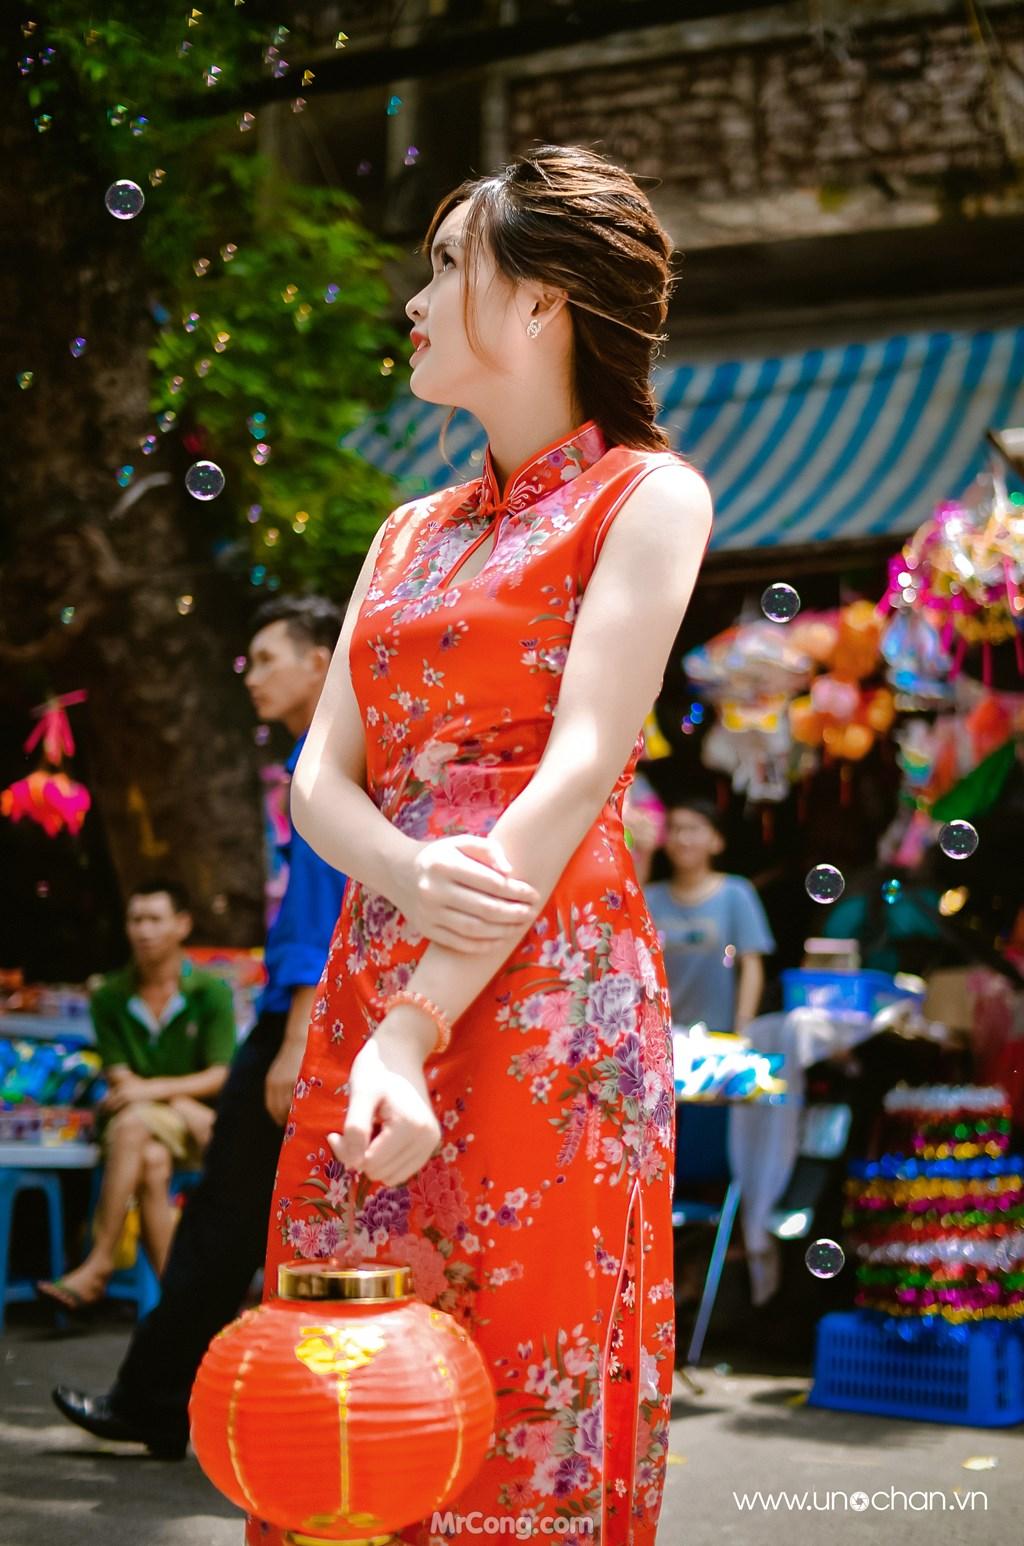 Image Vietnamese-Girls-by-Chan-Hong-Vuong-Uno-Chan-MrCong.com-102 in post Gái Việt duyên dáng, quyến rũ qua góc chụp của Chan Hong Vuong (250 ảnh)